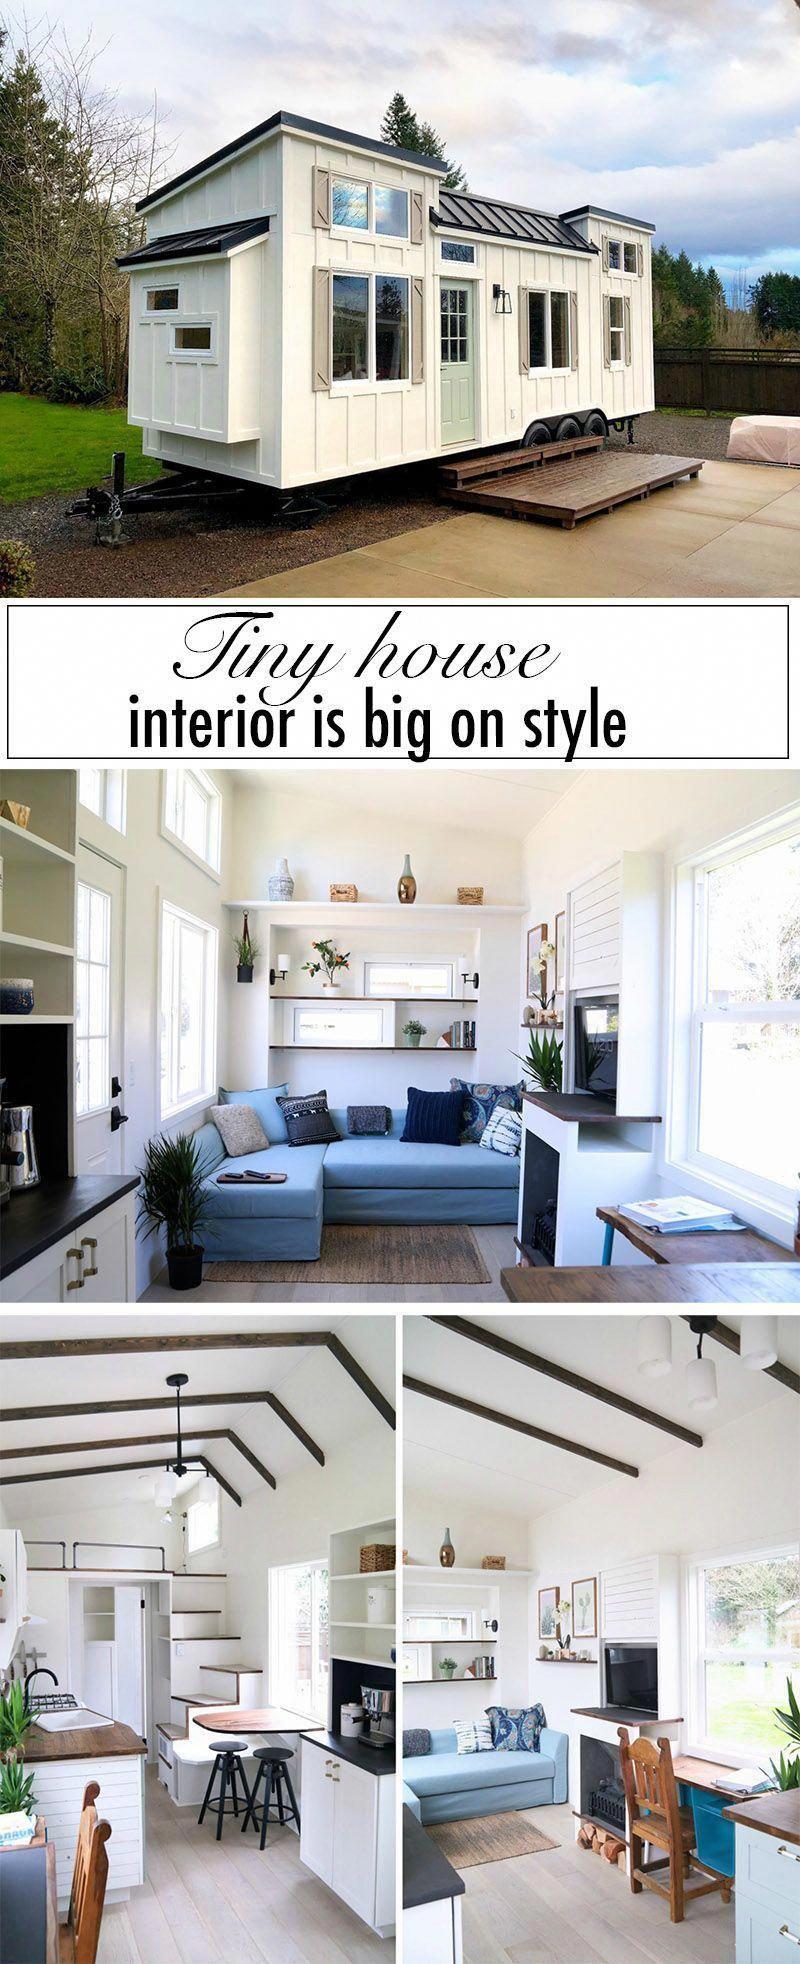 Best interior design websites boutiqueinteriordesign woodeninteriordoors also rh pinterest